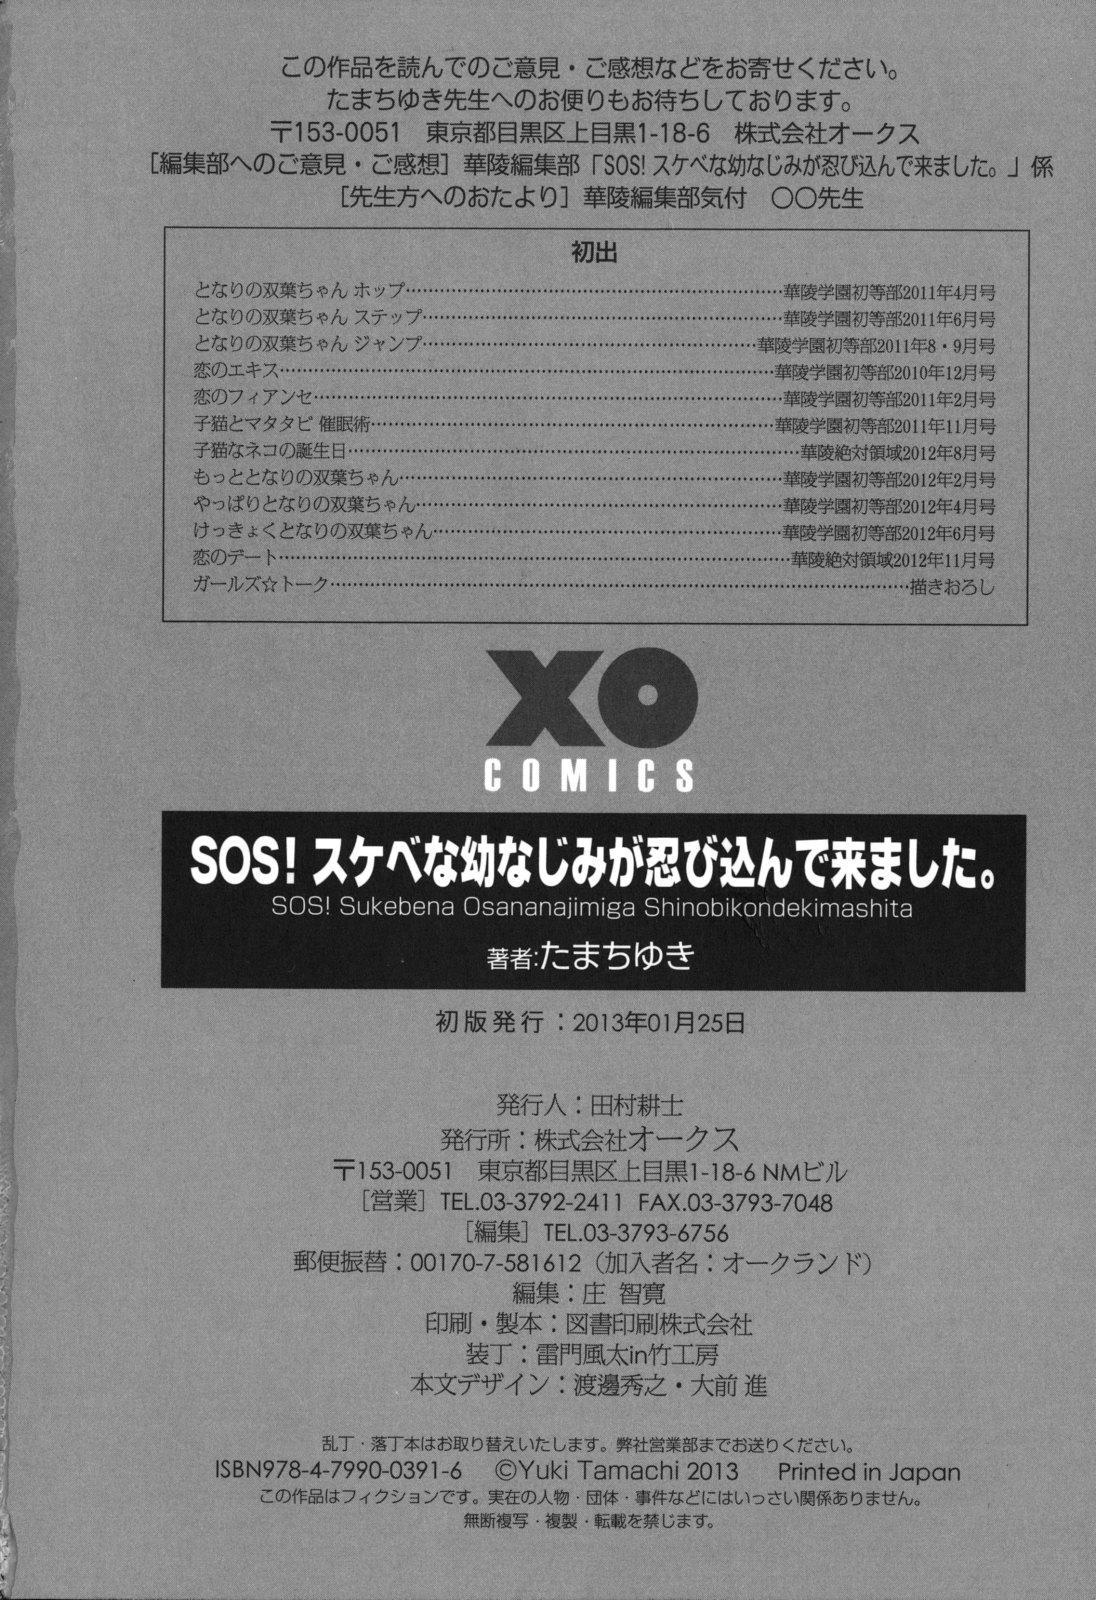 SOS! Sukebe na Osananajimi ga Shinobikondekimashita. 228